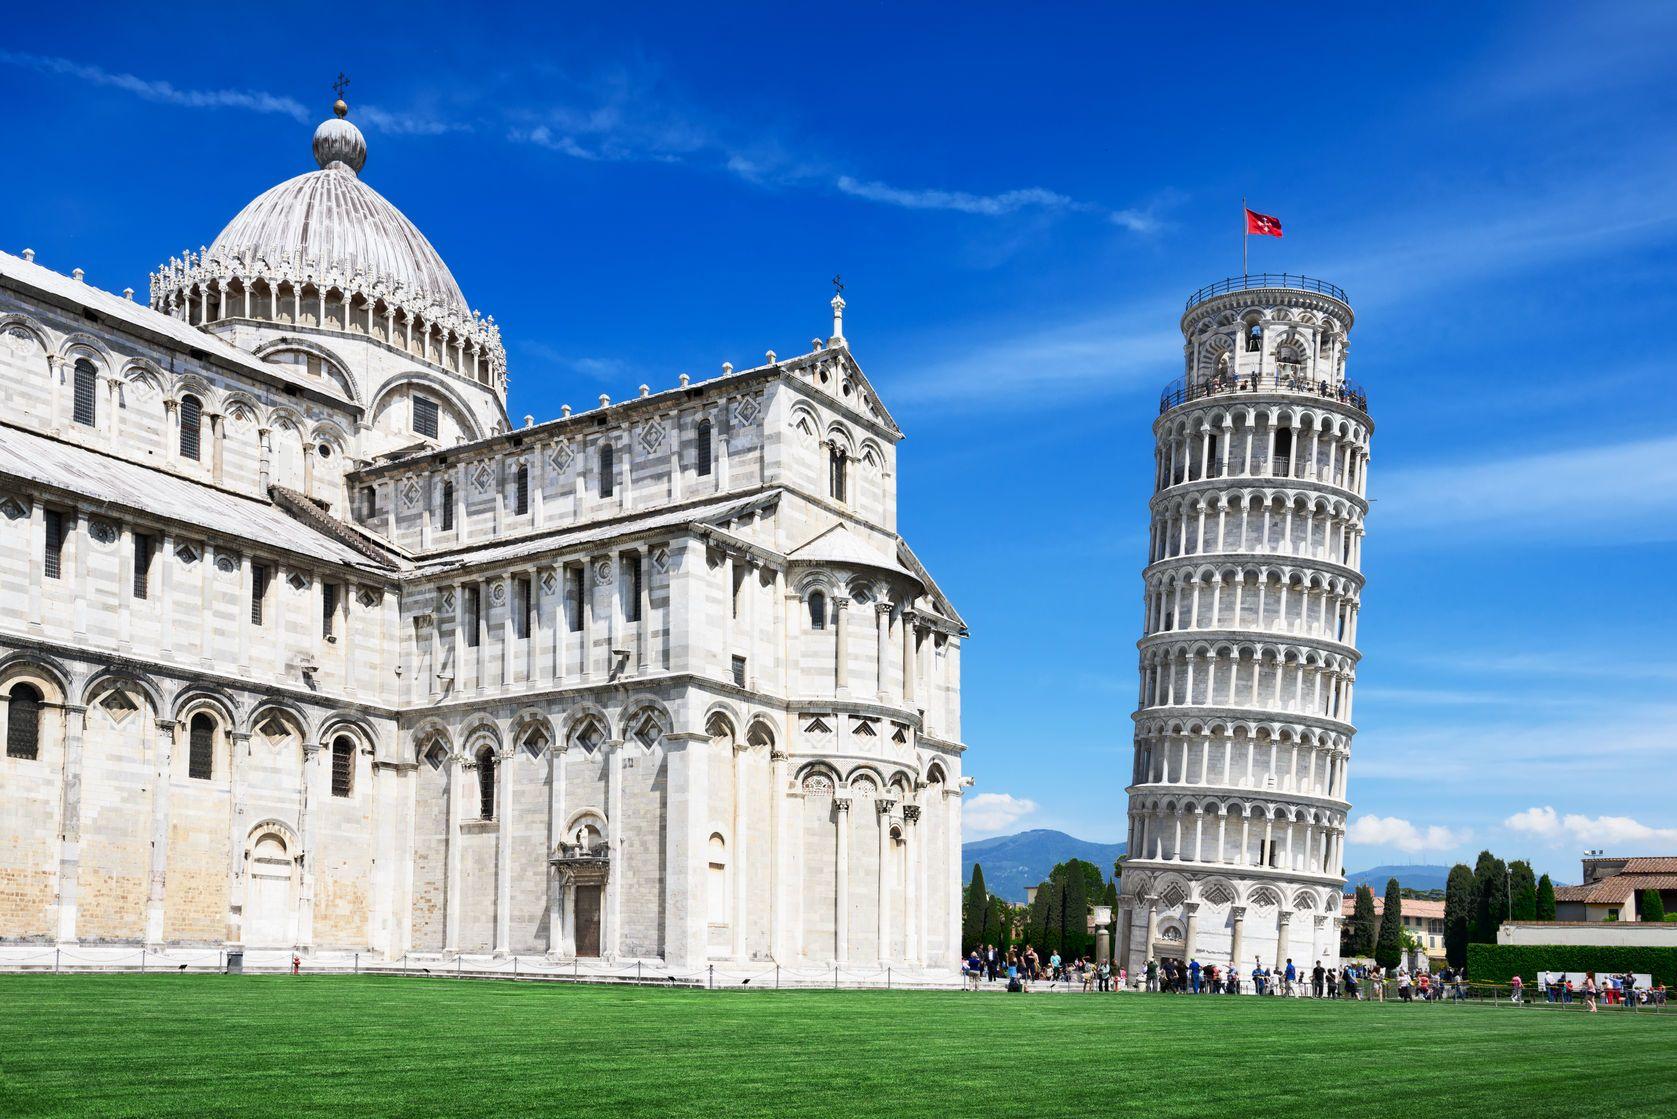 Šikmá věž v Pise v Itálii   fotomandm/123RF.com